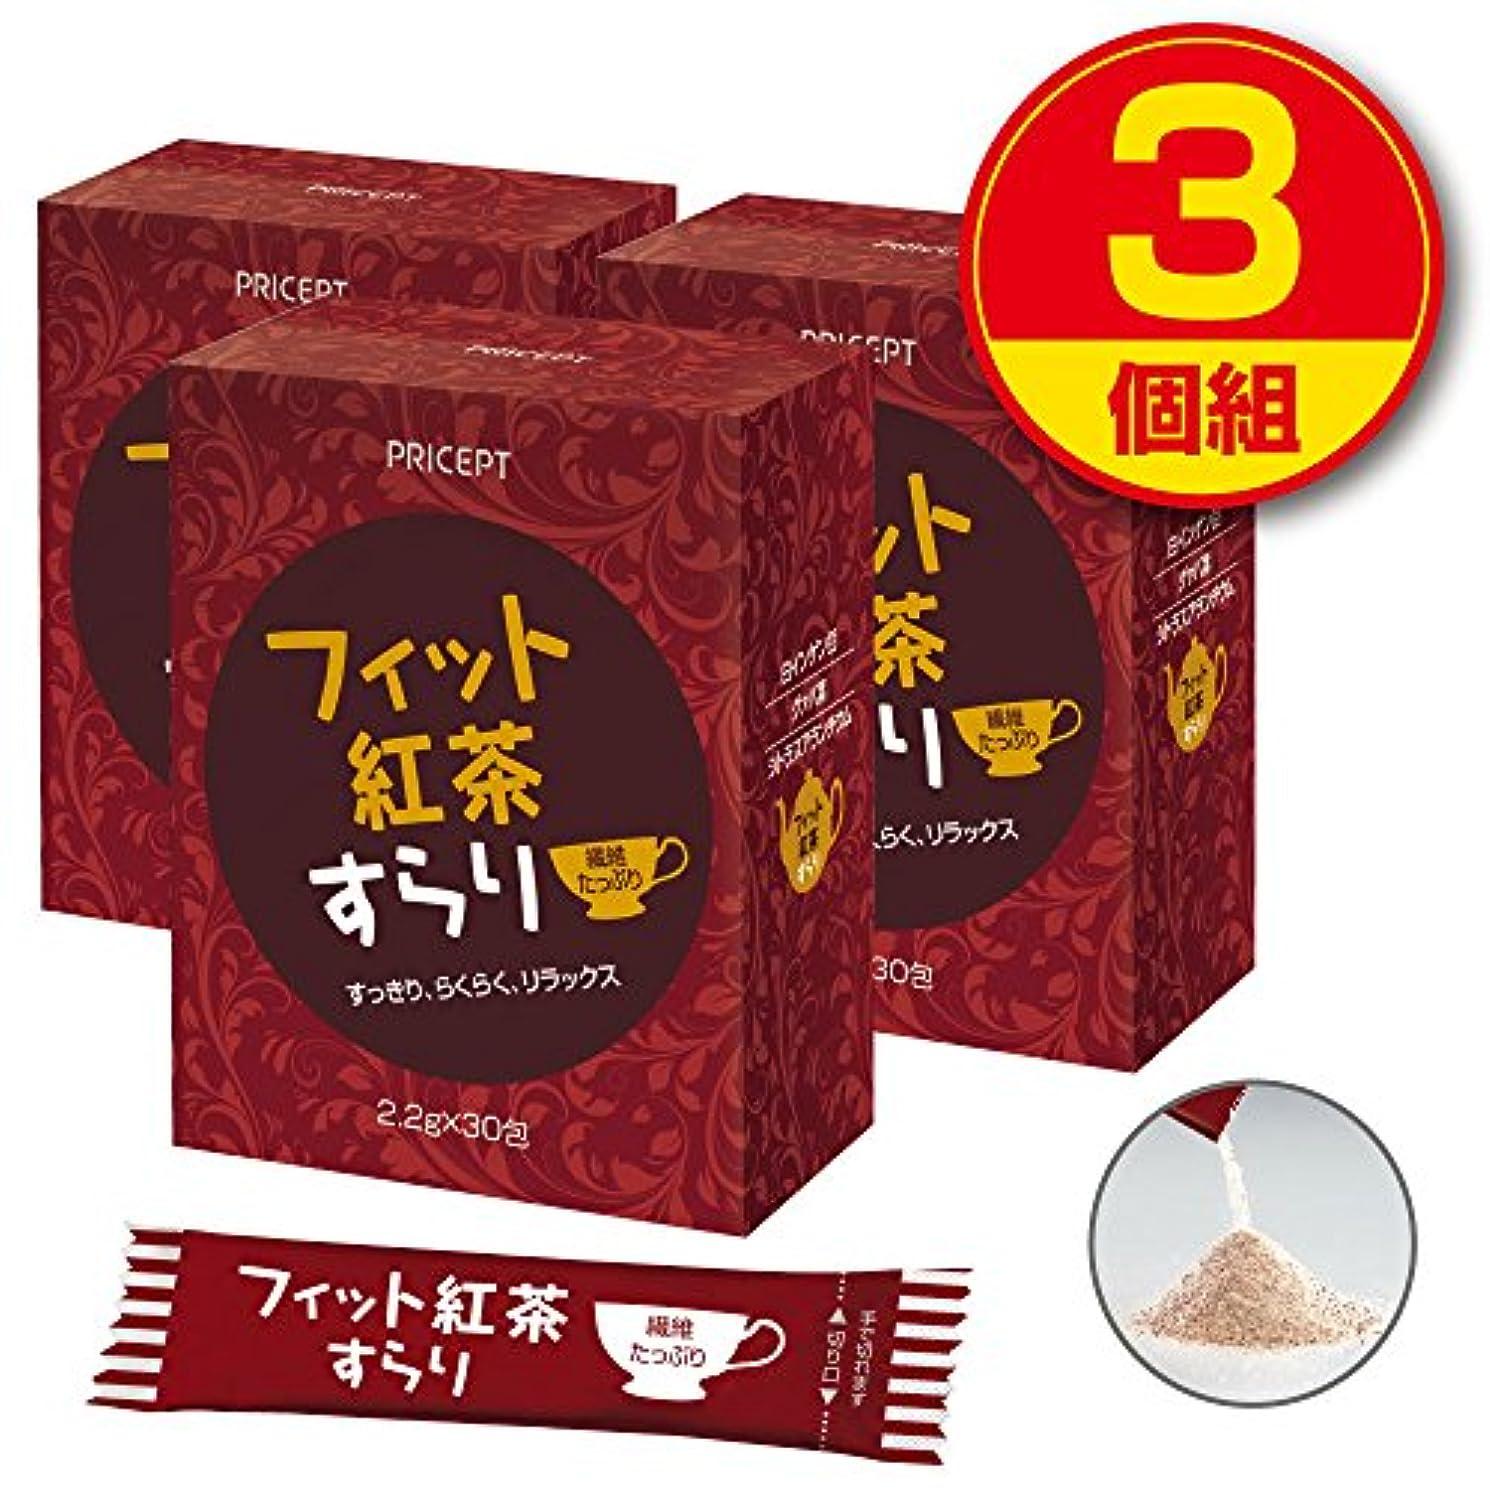 ブローホール頭痛ジョブプリセプト フィット紅茶すらり(30包)【3個組?90包】(食物繊維配合ダイエットサポート紅茶)